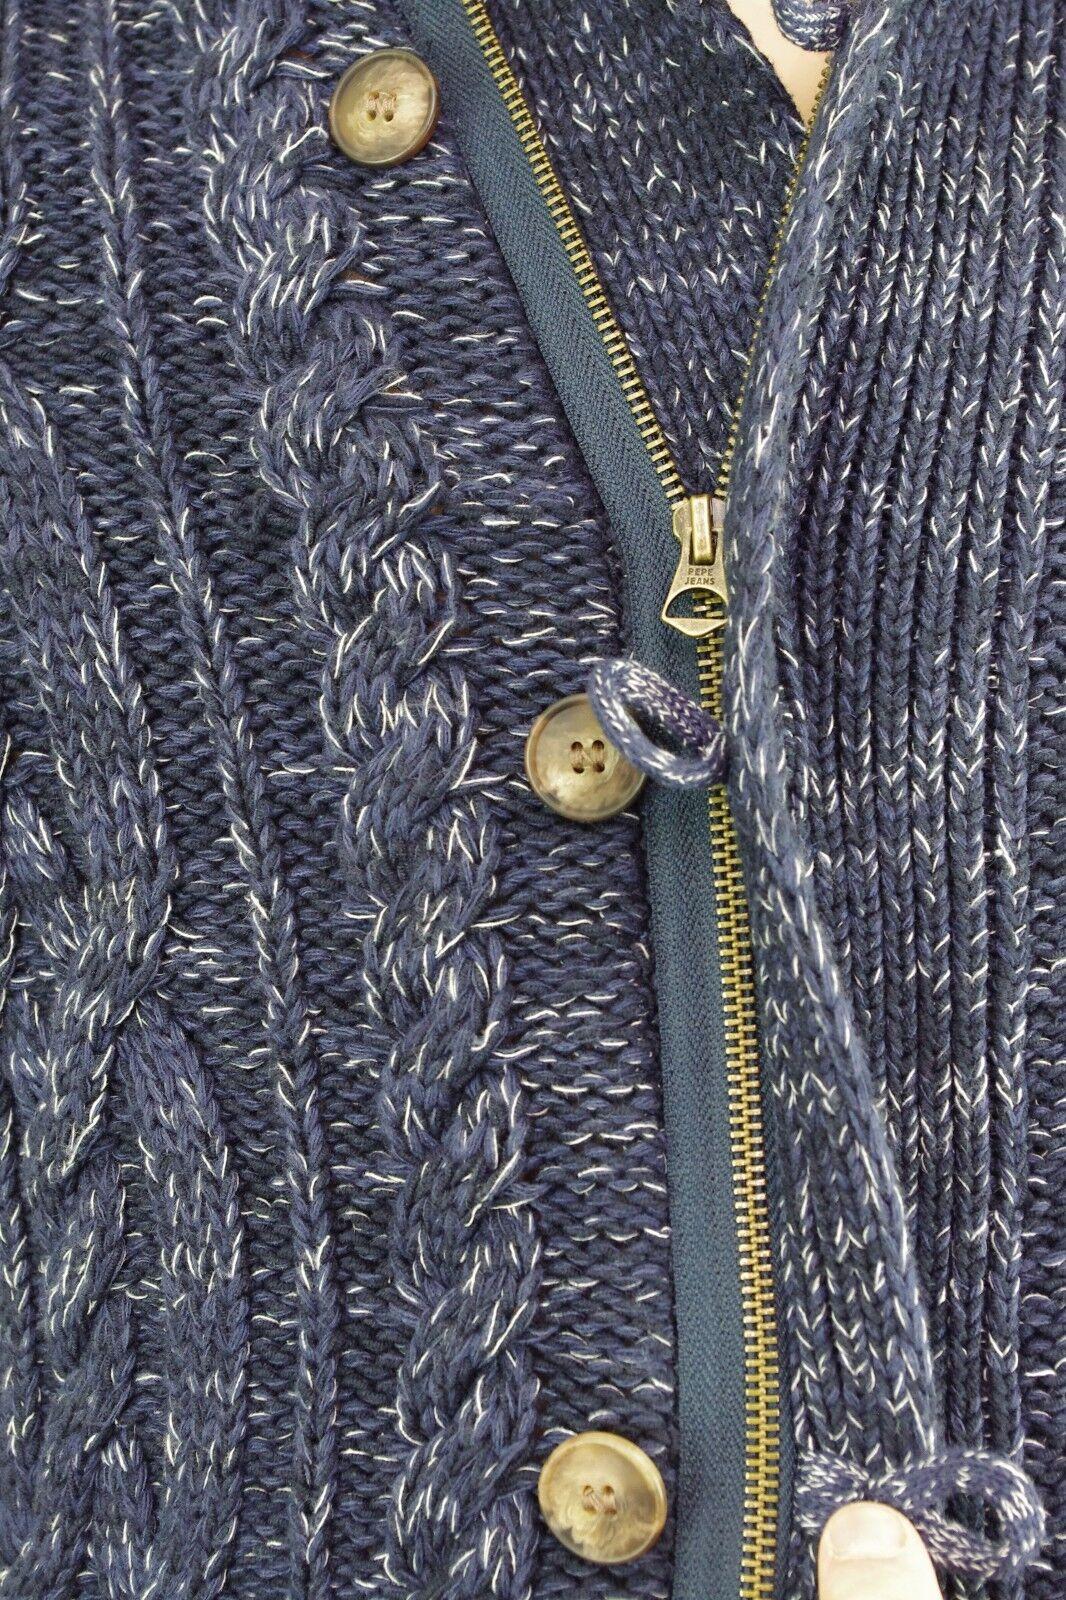 1d4162f76de PEPE JEANS gilet cardigan homme bleu chiné CLARK BLUE PM701328 ...